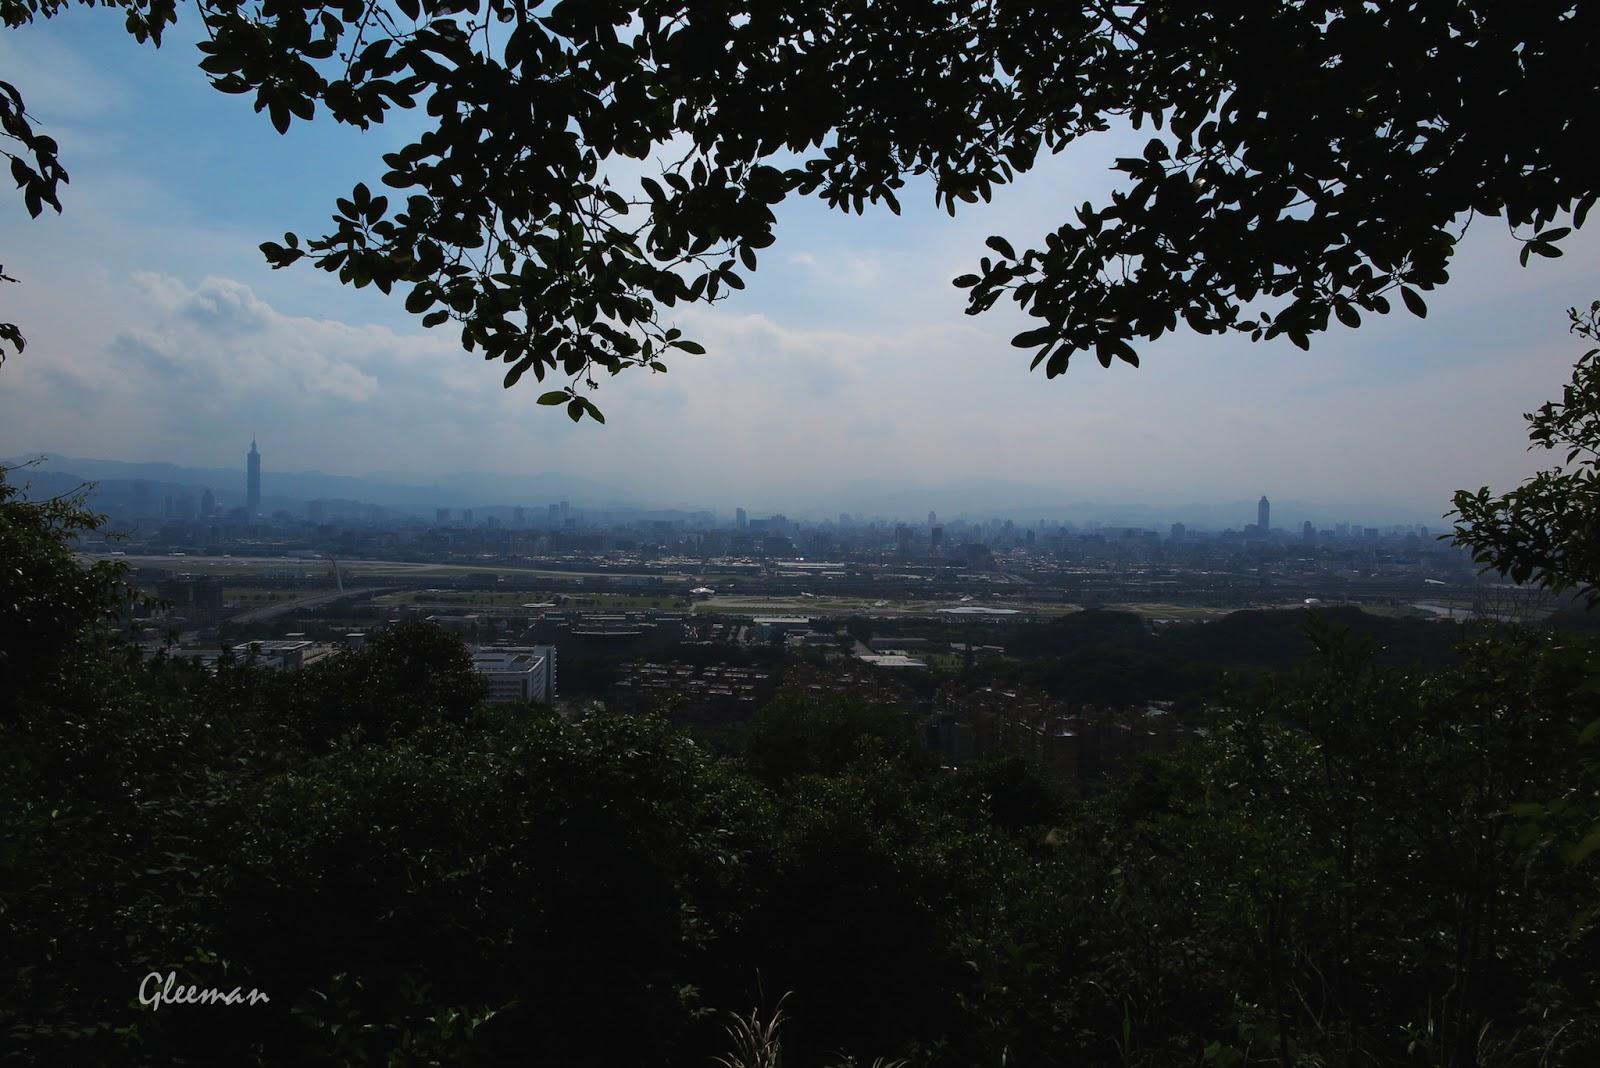 眺望通北街一帶國宅及更遠處的臺北市區。